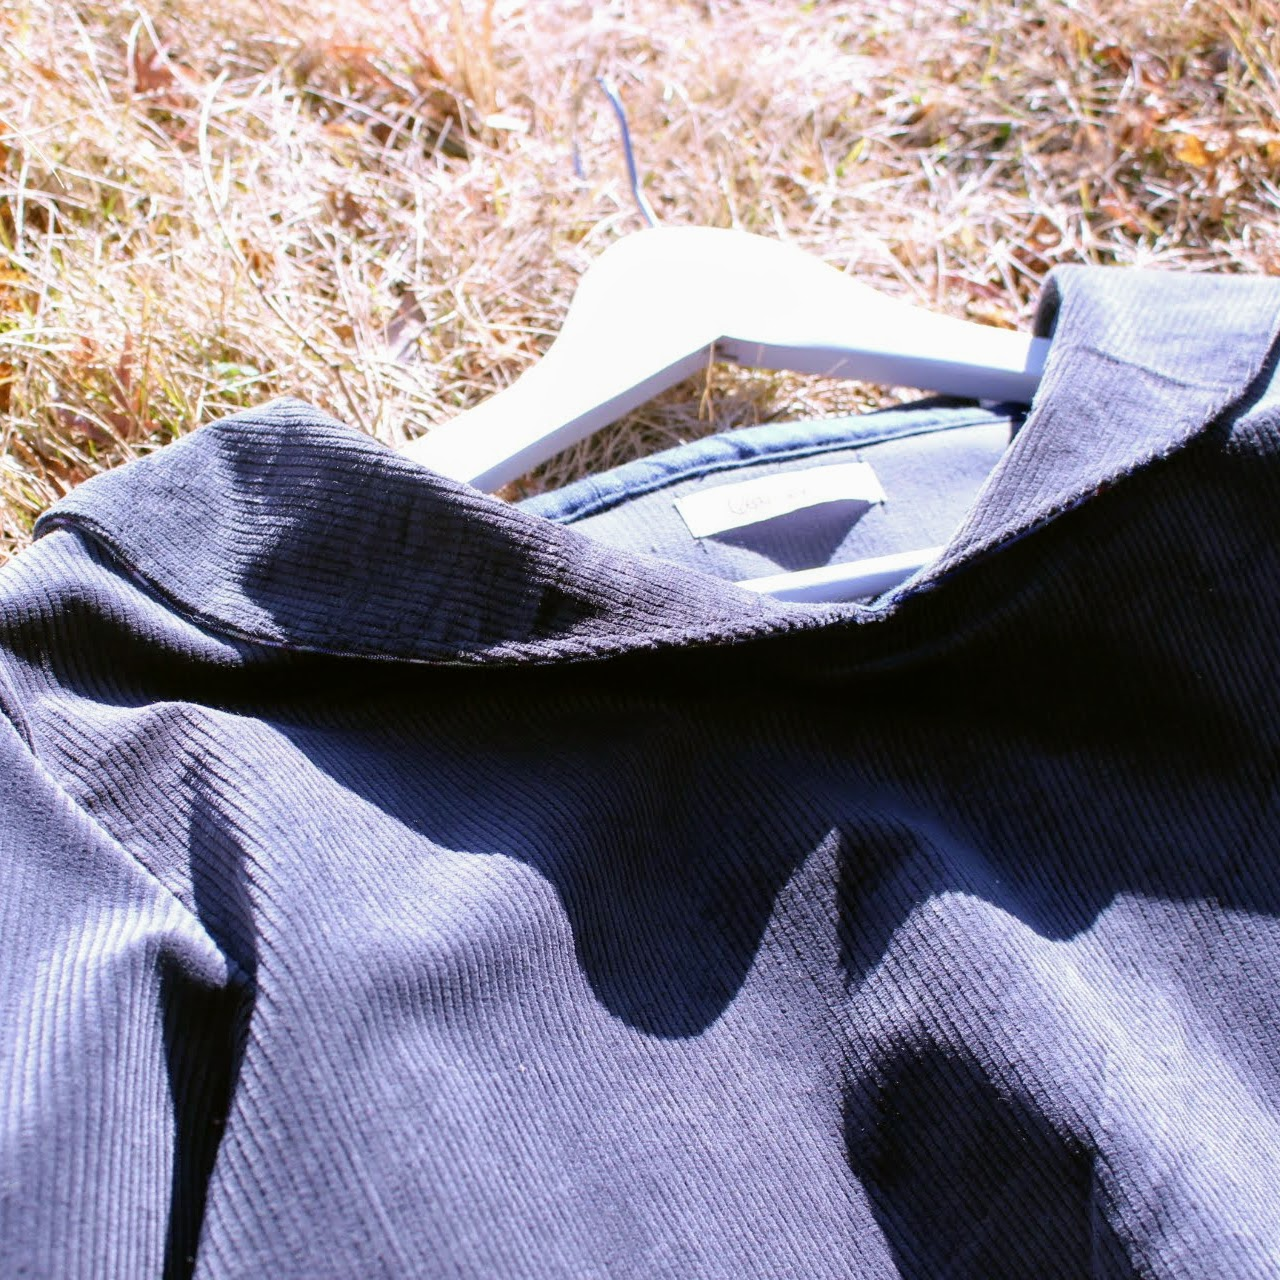 コーデュロイのセーラープルオーバーは、綿素材。綿素材は、何がいいの?